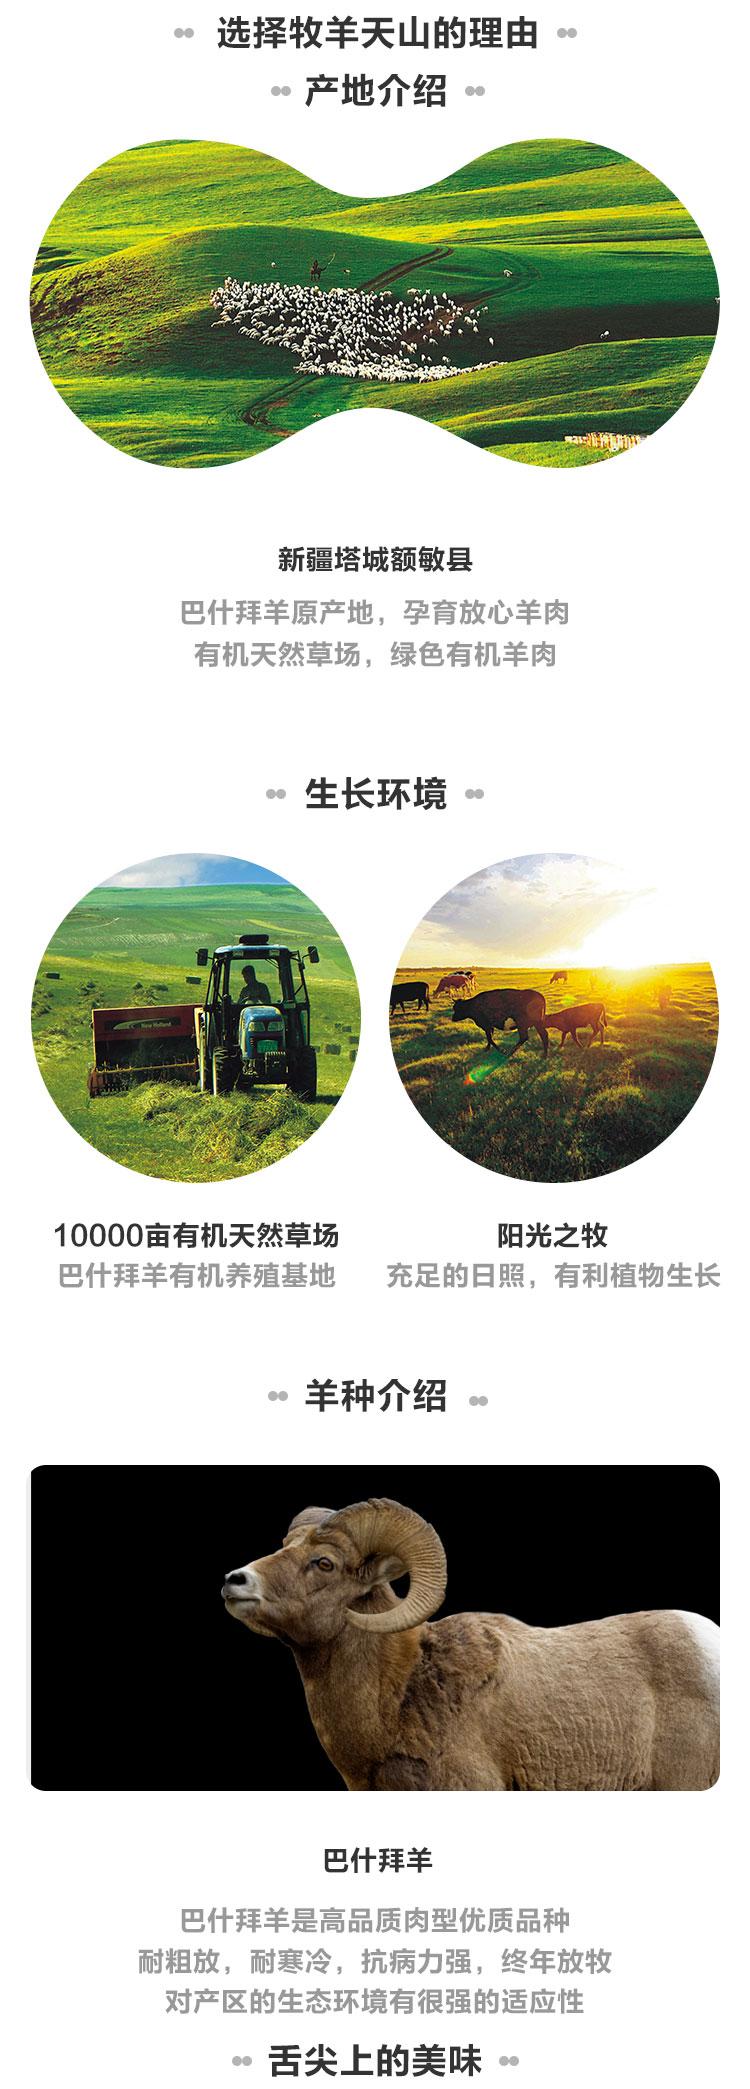 牧羊-包装_03.jpg